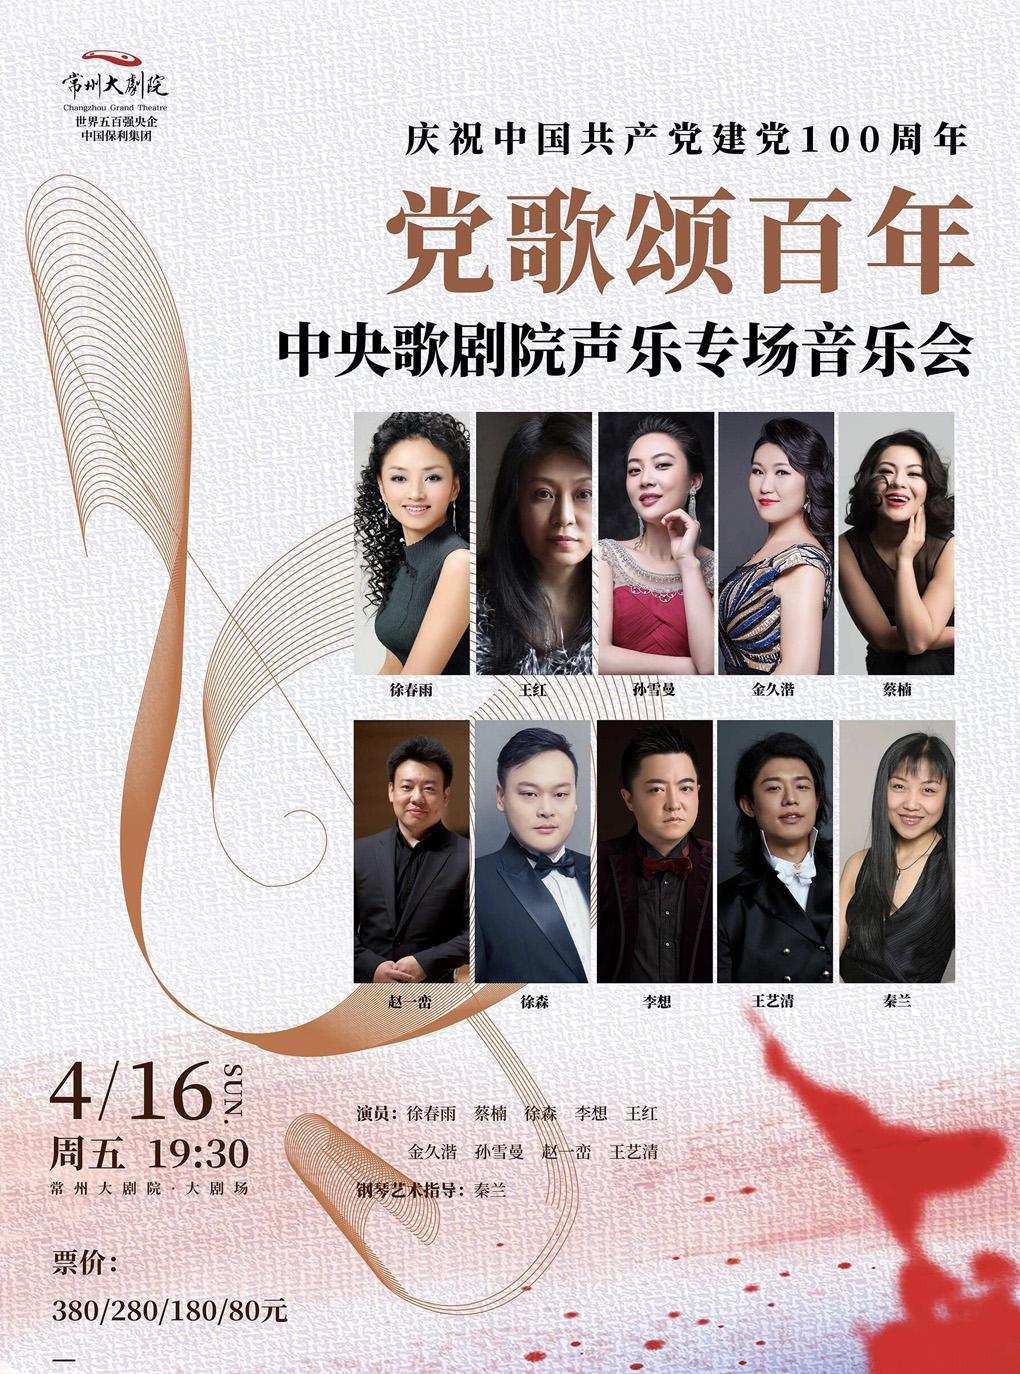 【常州】黨歌頌百年-中央歌劇院音樂會